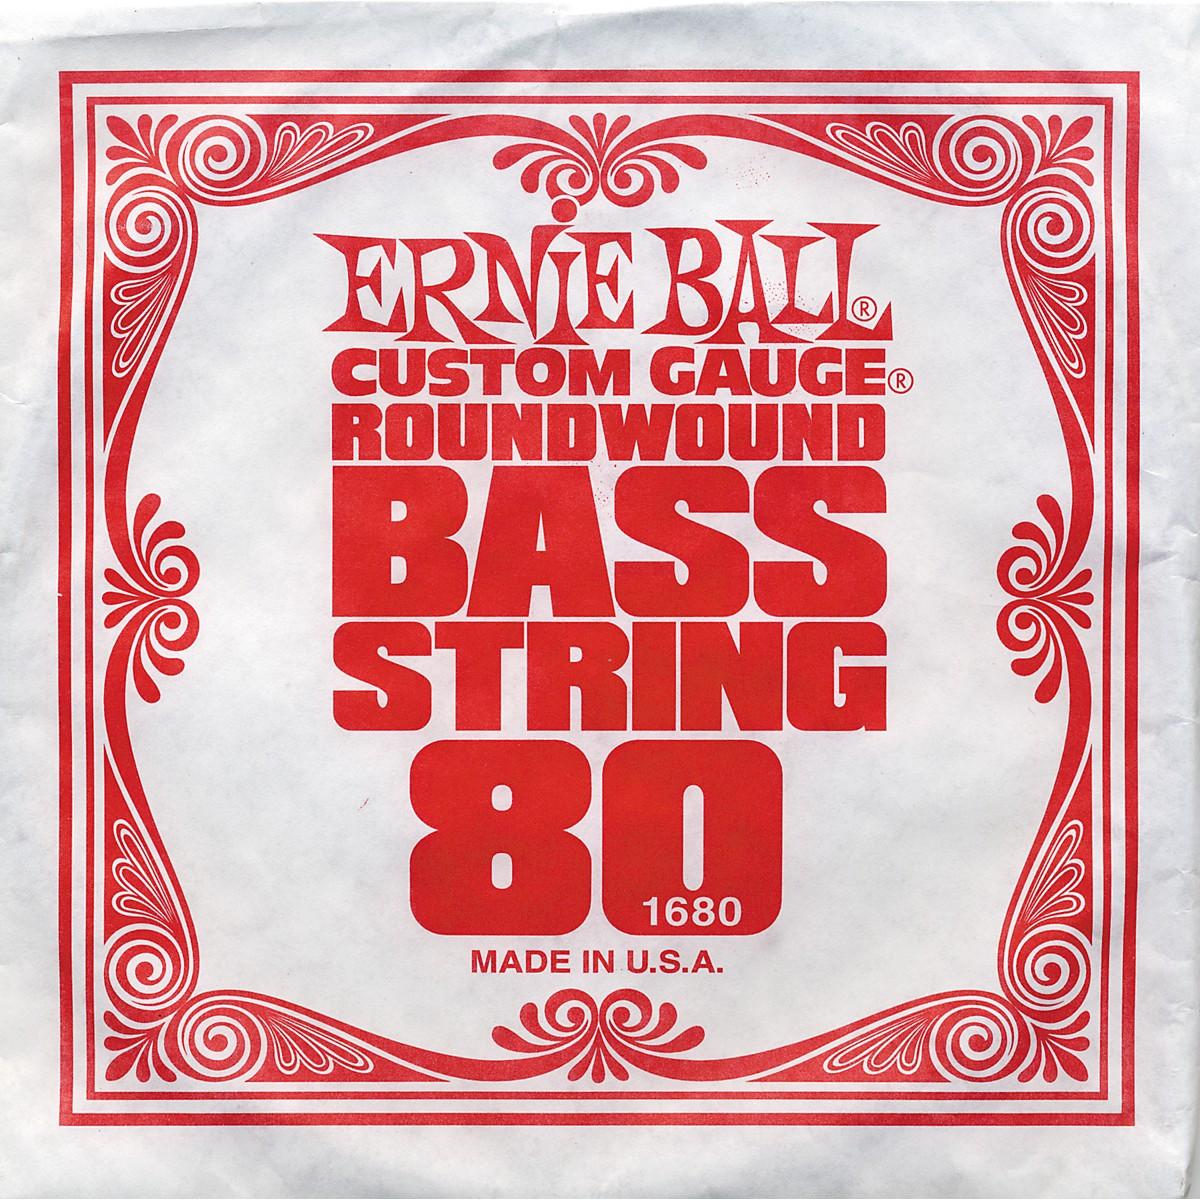 Ernie Ball 1680 Single Bass Guitar String